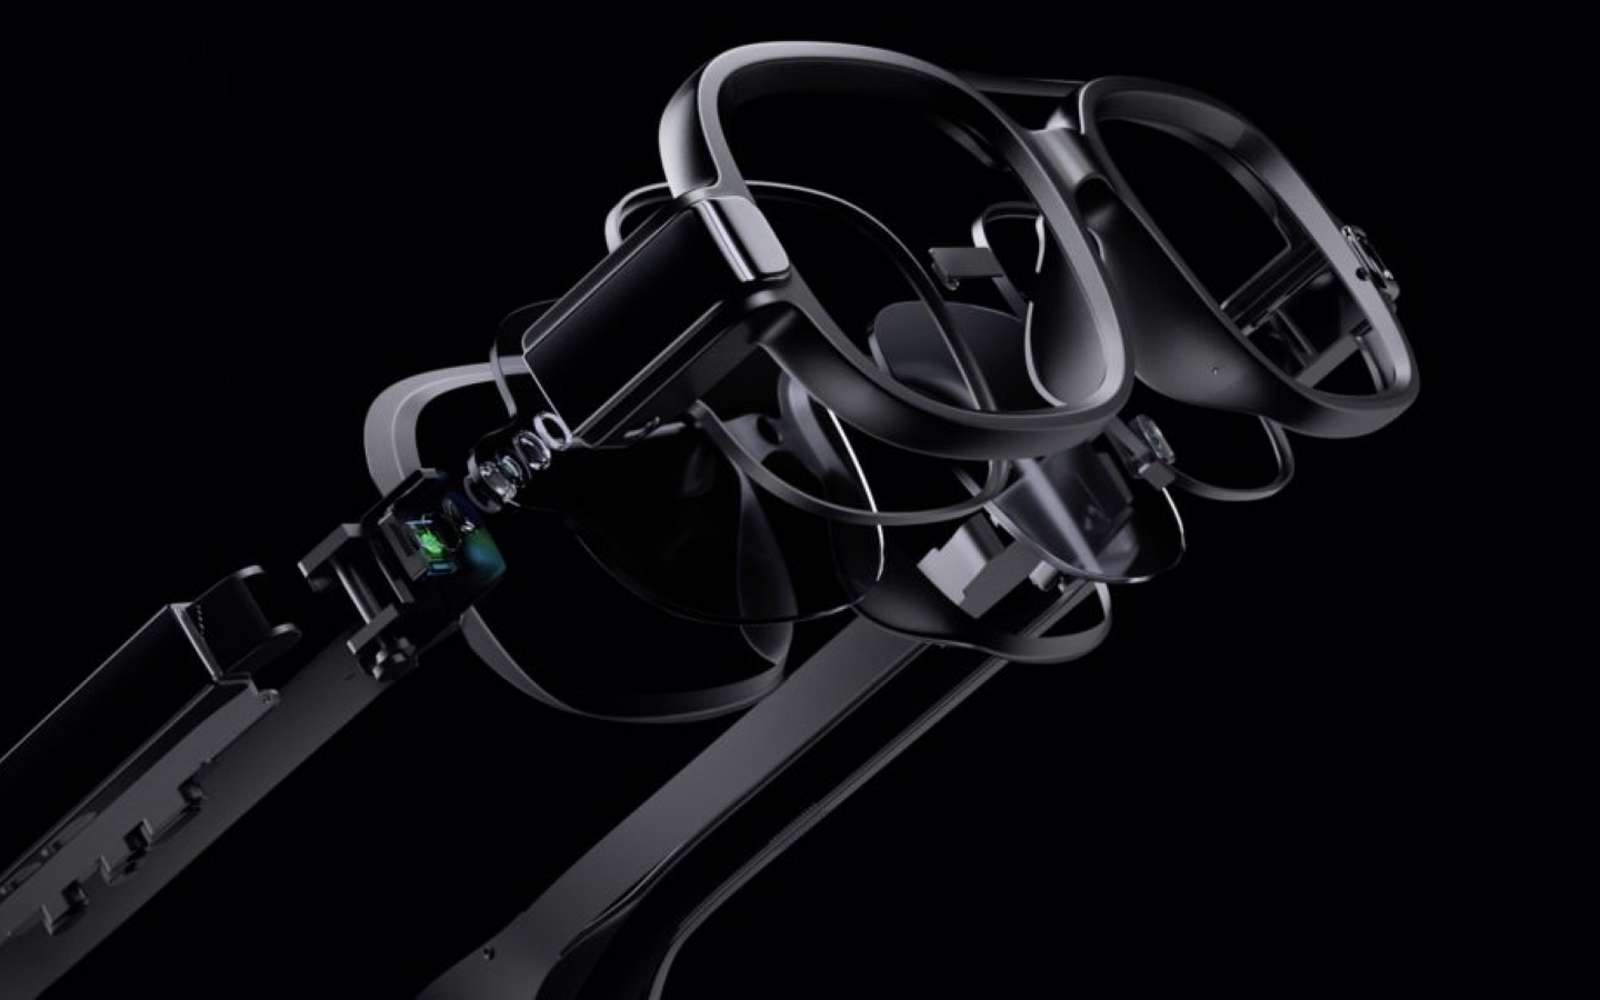 Les lunettes connectées autonomes de Xiaomi intègrent un véritable écran composé de microLED. © Xiaomi